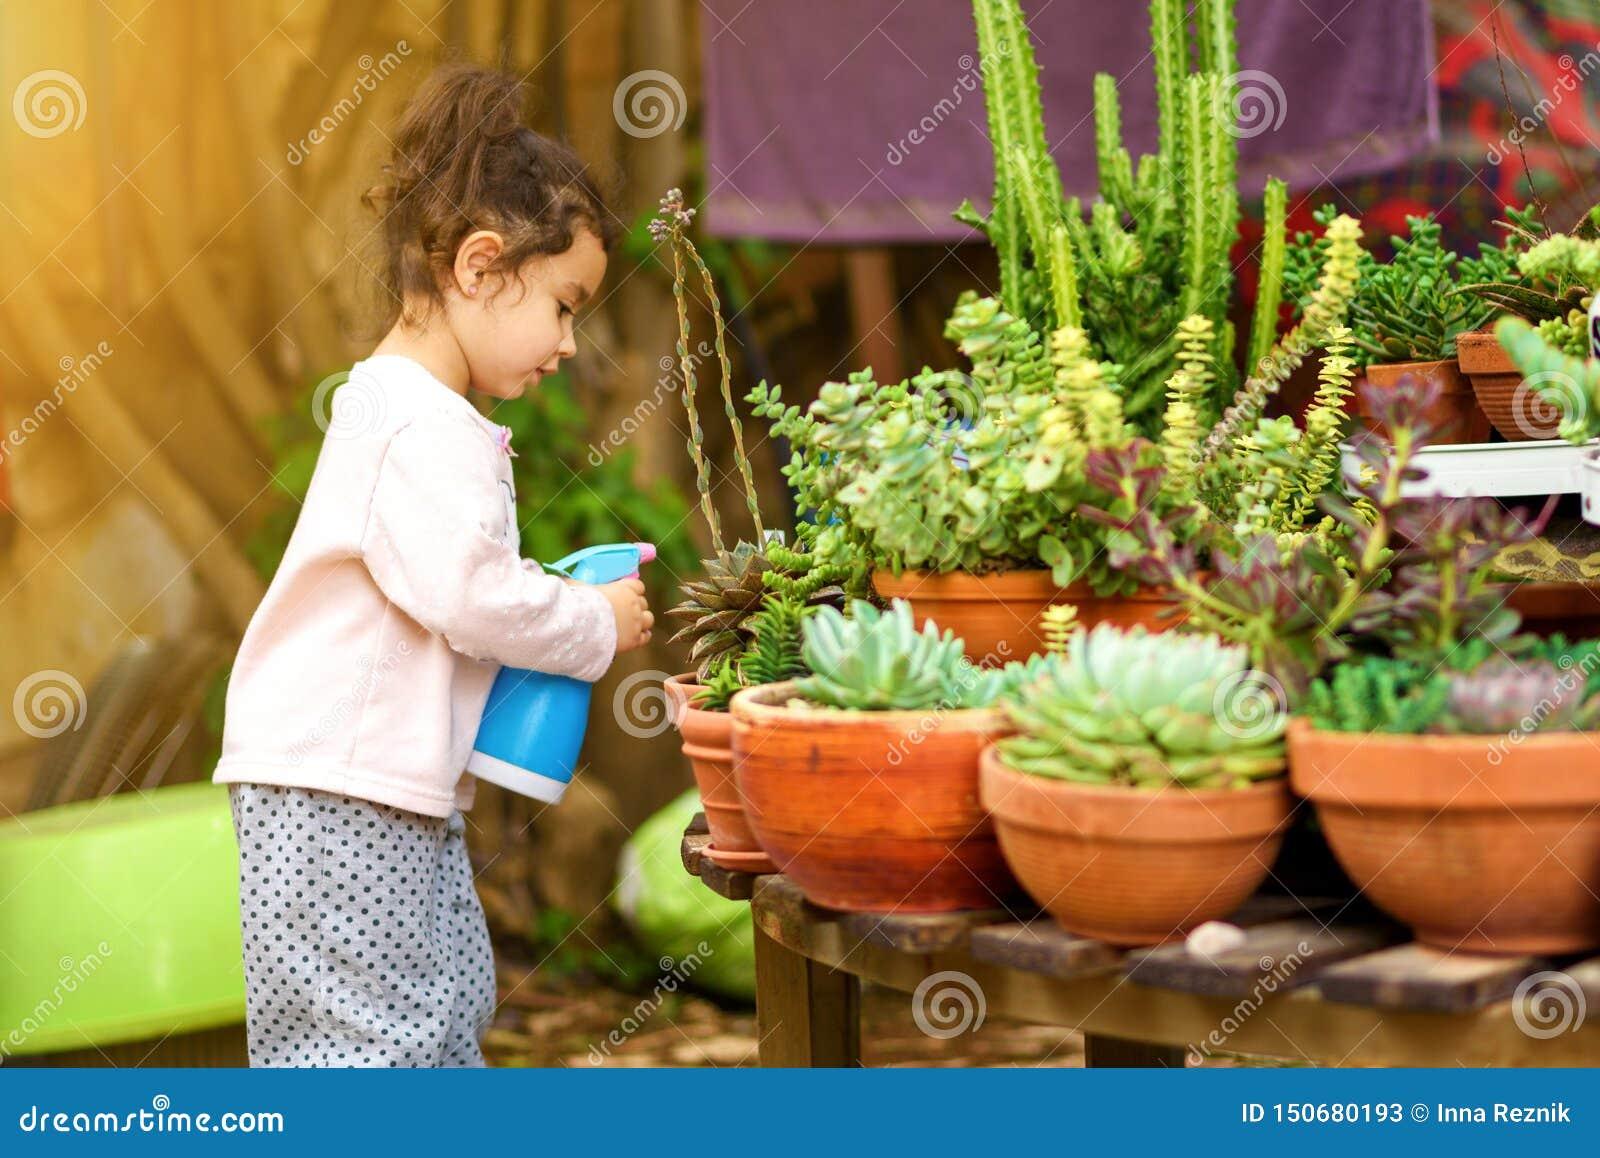 夏天乐趣:一点美女浇灌的庭院